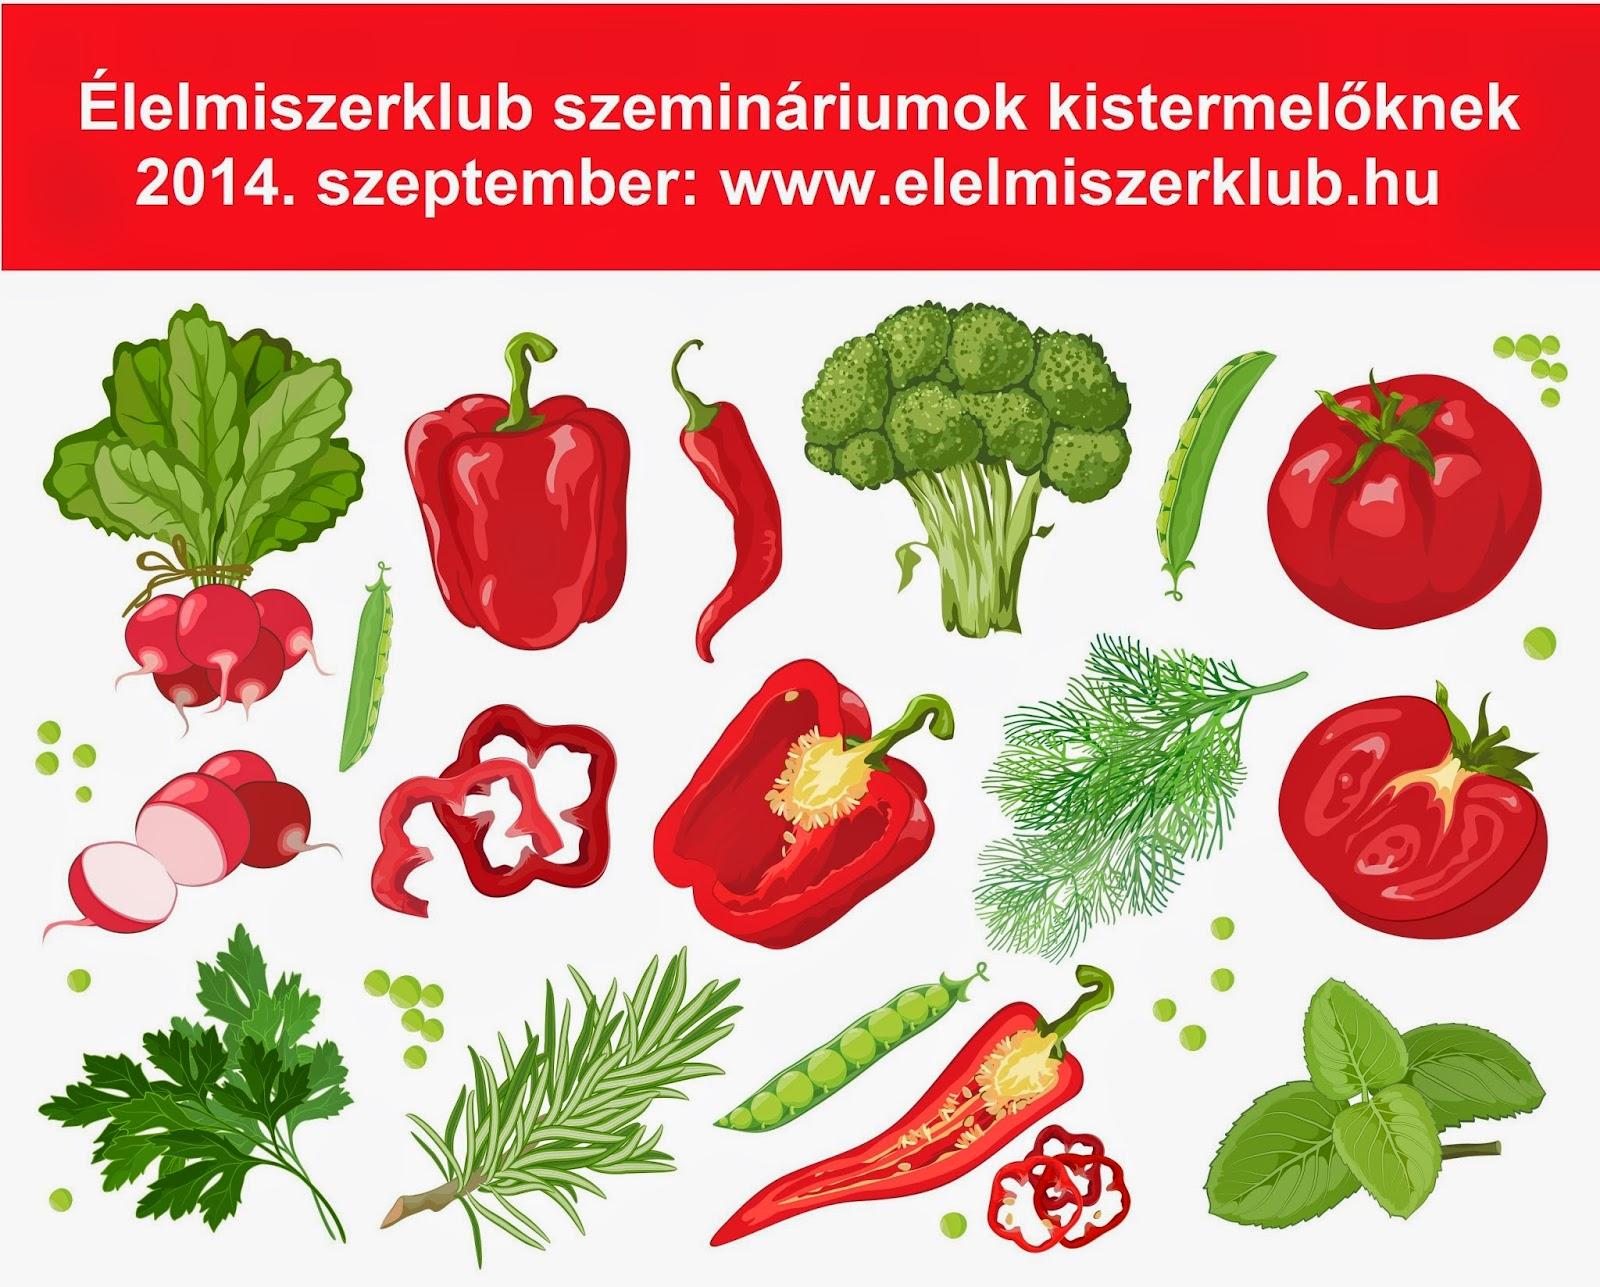 Élelmiszer-kistermelők szemináriuma 2014. szeptember